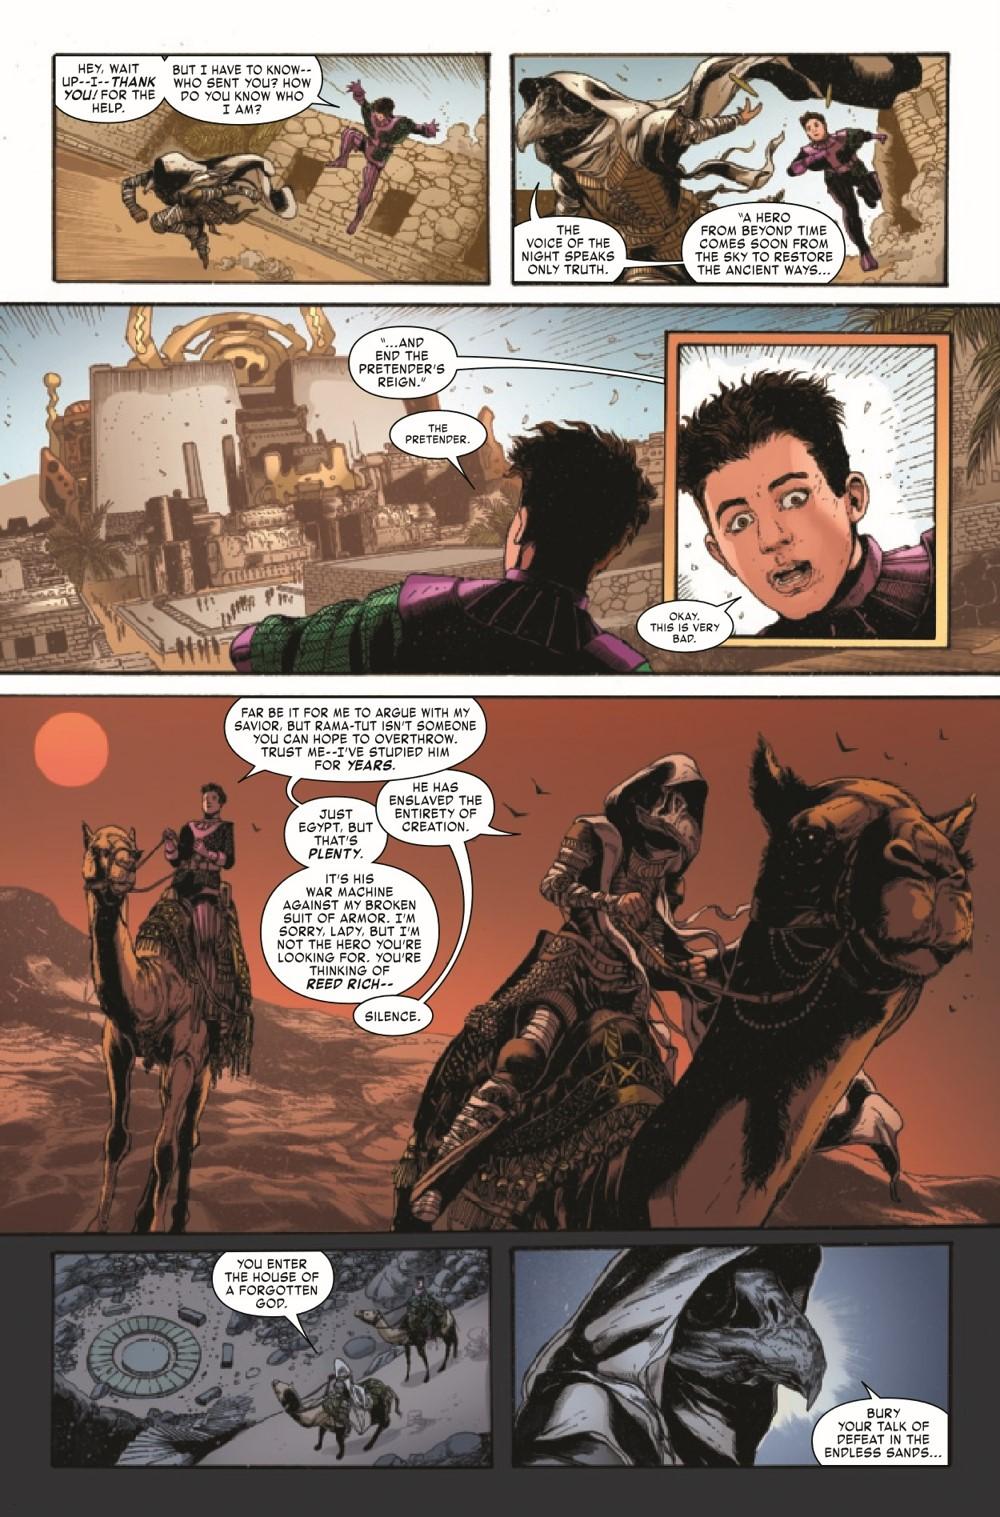 KANGCONQUEROR2021002_Preview-5 ComicList Previews: KANG THE CONQUEROR #2 (OF 5)